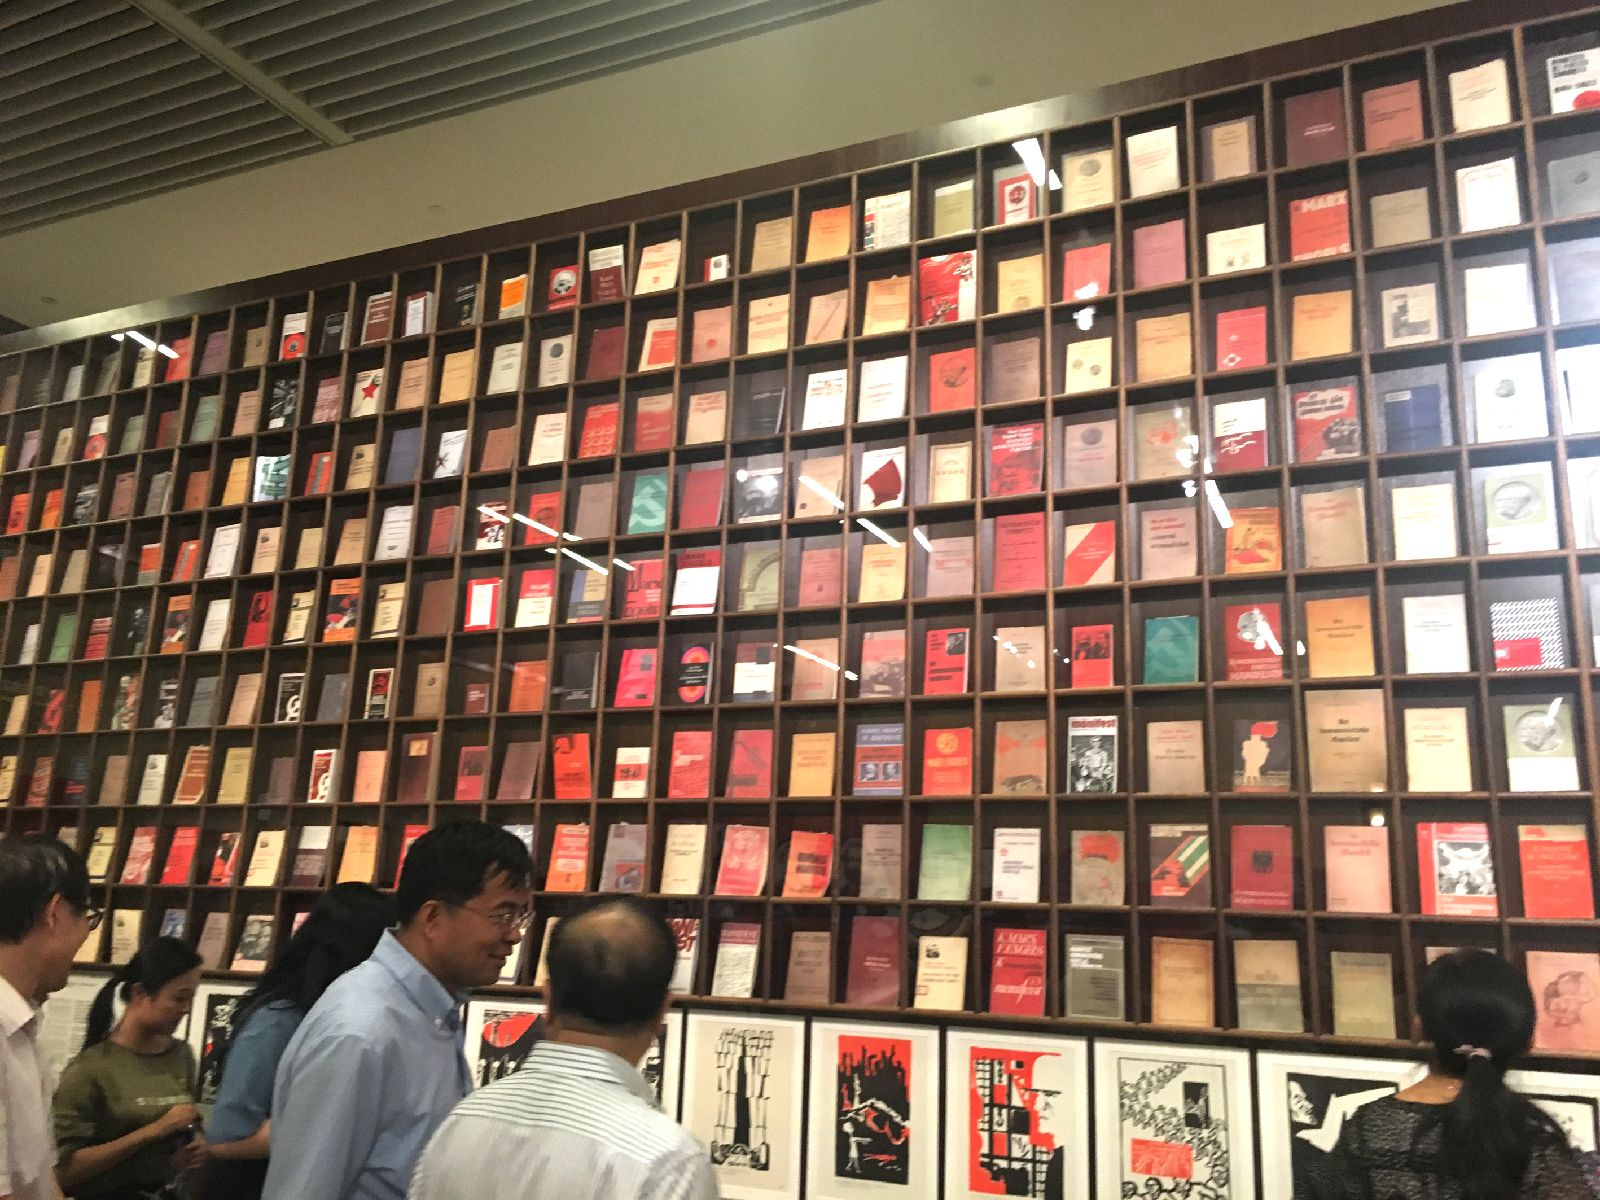 马克思主义经典著作和中国马克思主义研究图书墙,孔敬摄影